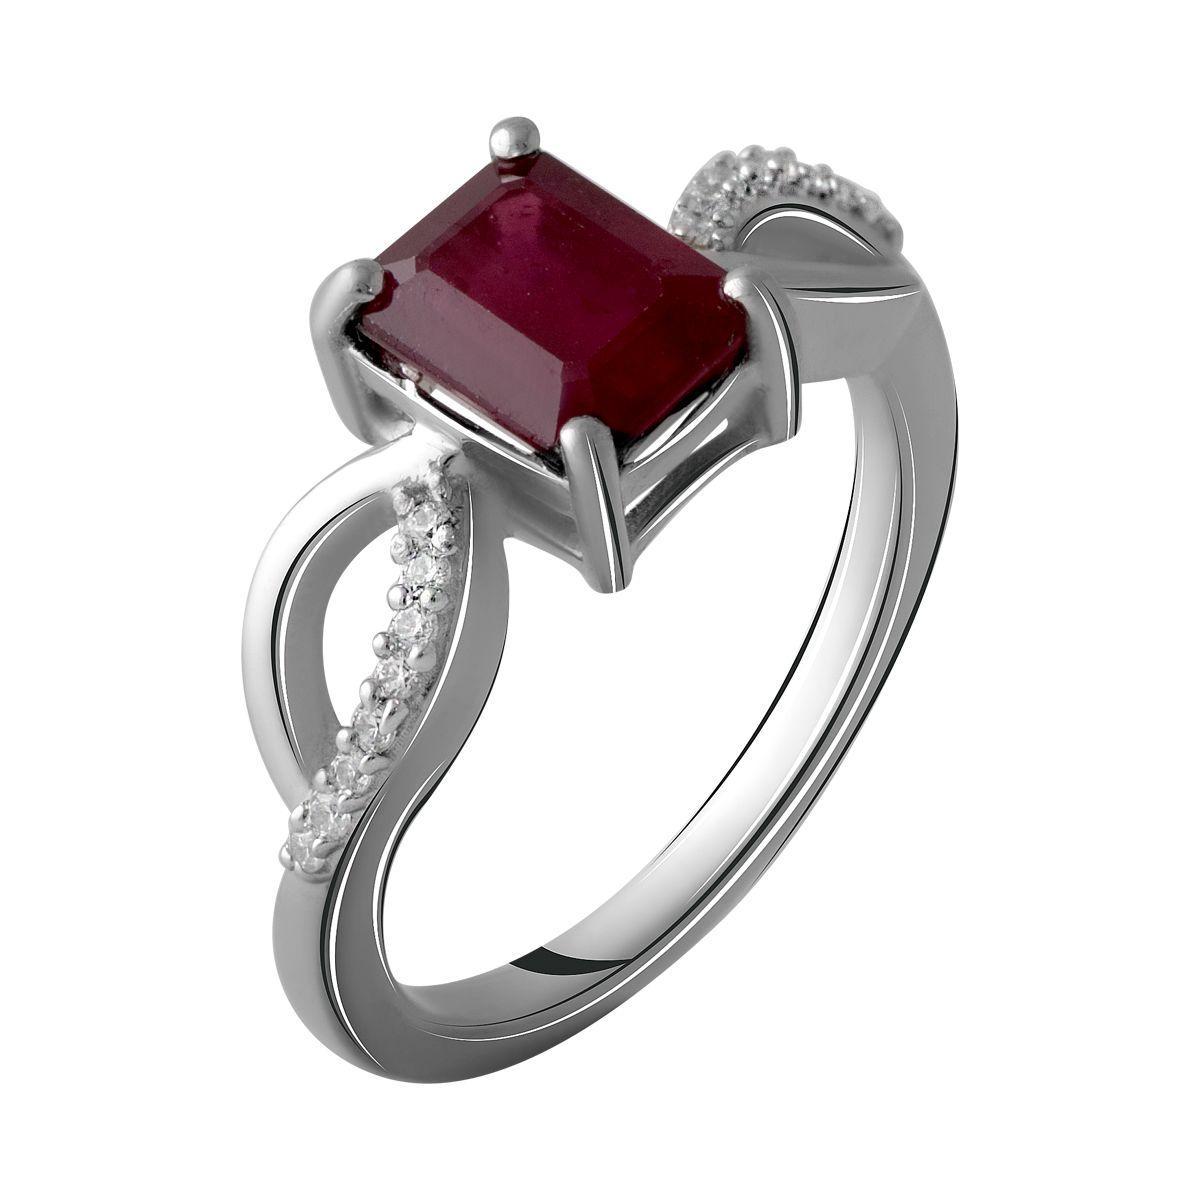 Серебряное кольцо pSilverAlex с натуральным рубином 2.299ct (2060031) 17.5 размер